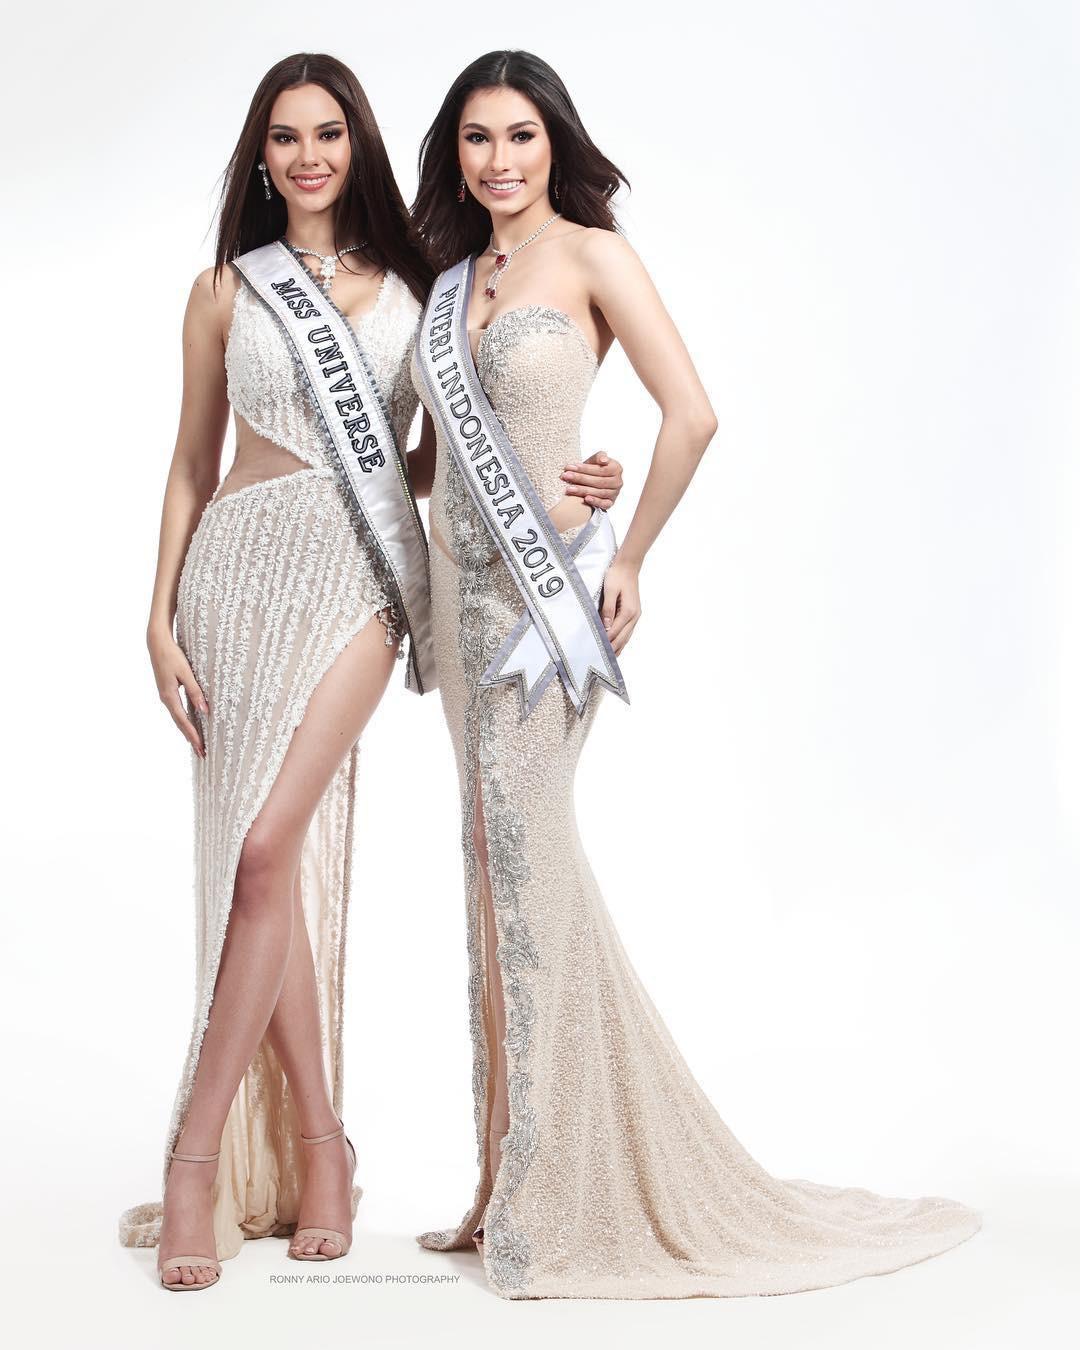 Phản ứng bất ngờ của đối thủ nặng ký nhất nhì khu vực Châu Á với Hoàng Thùy trước thềm Miss Universe 2019 - Ảnh 5.